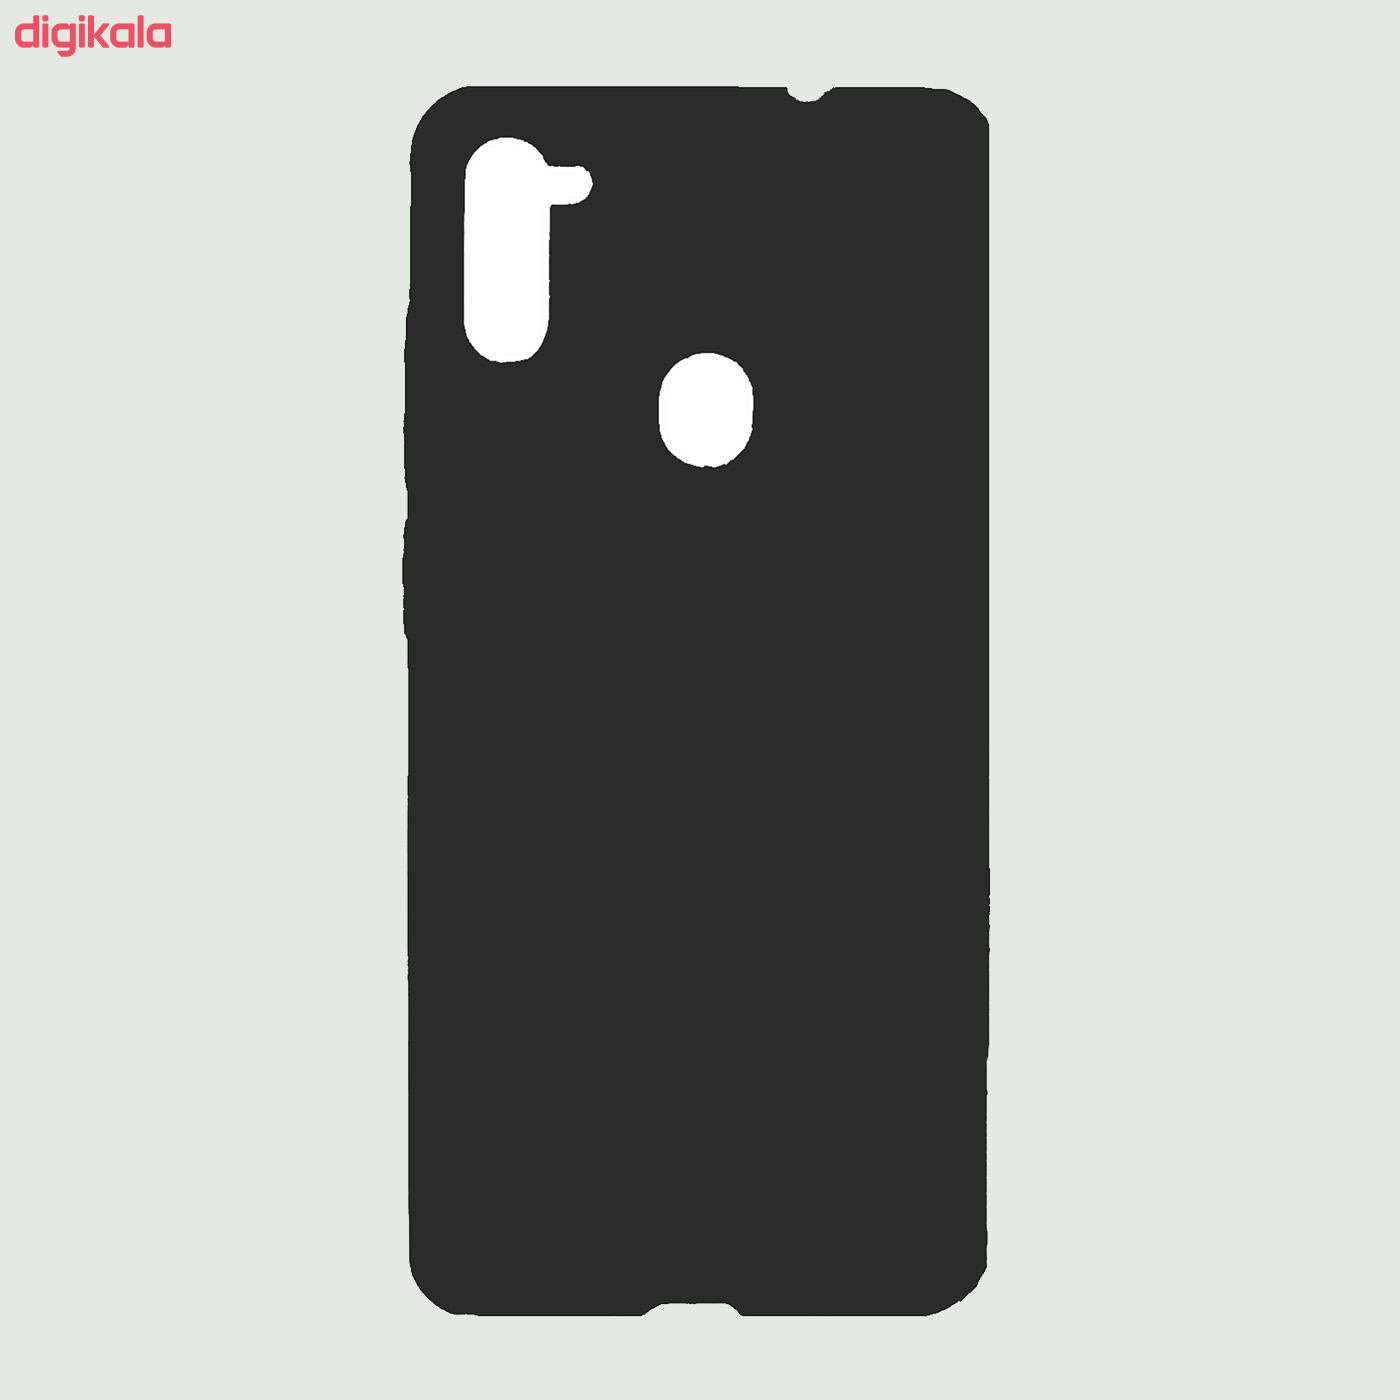 کاور مدل A110 مناسب برای گوشی موبایل سامسونگ Galaxy A11 main 1 1